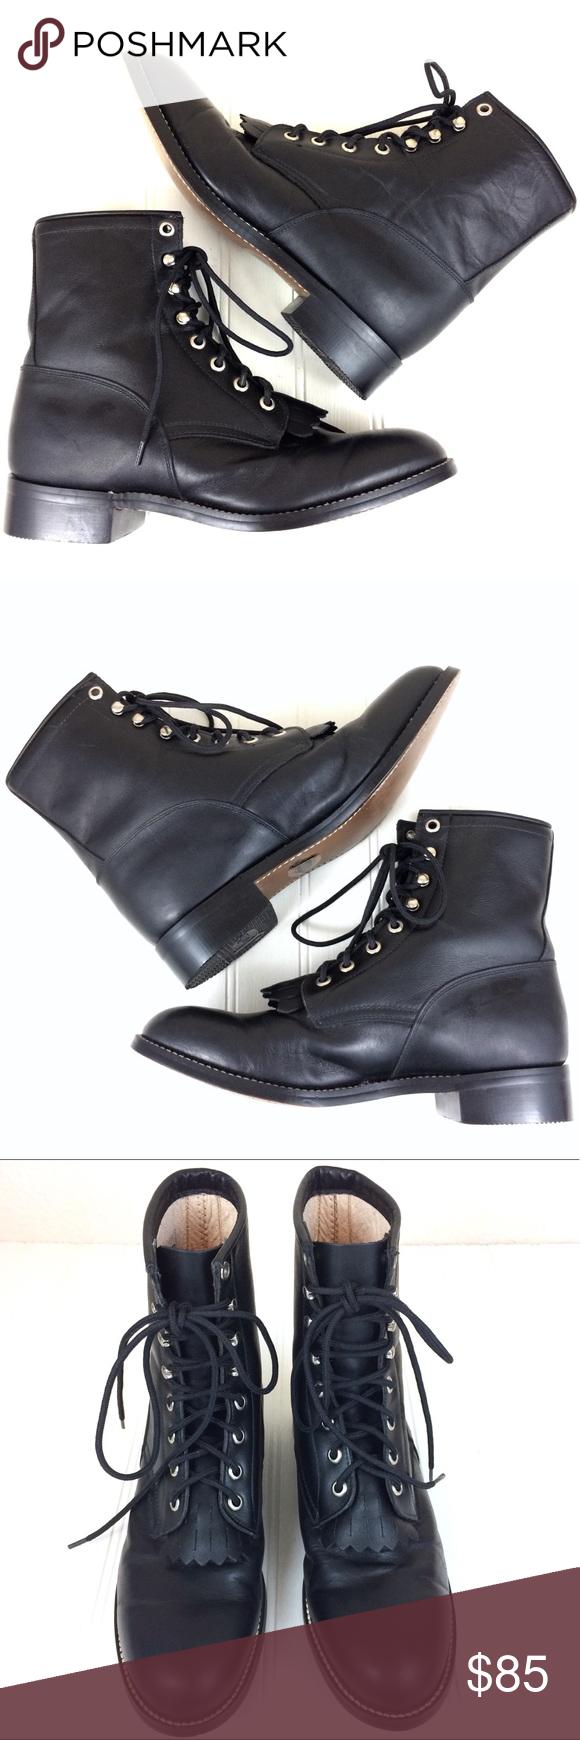 Justin Junior Hiram 506 black leather